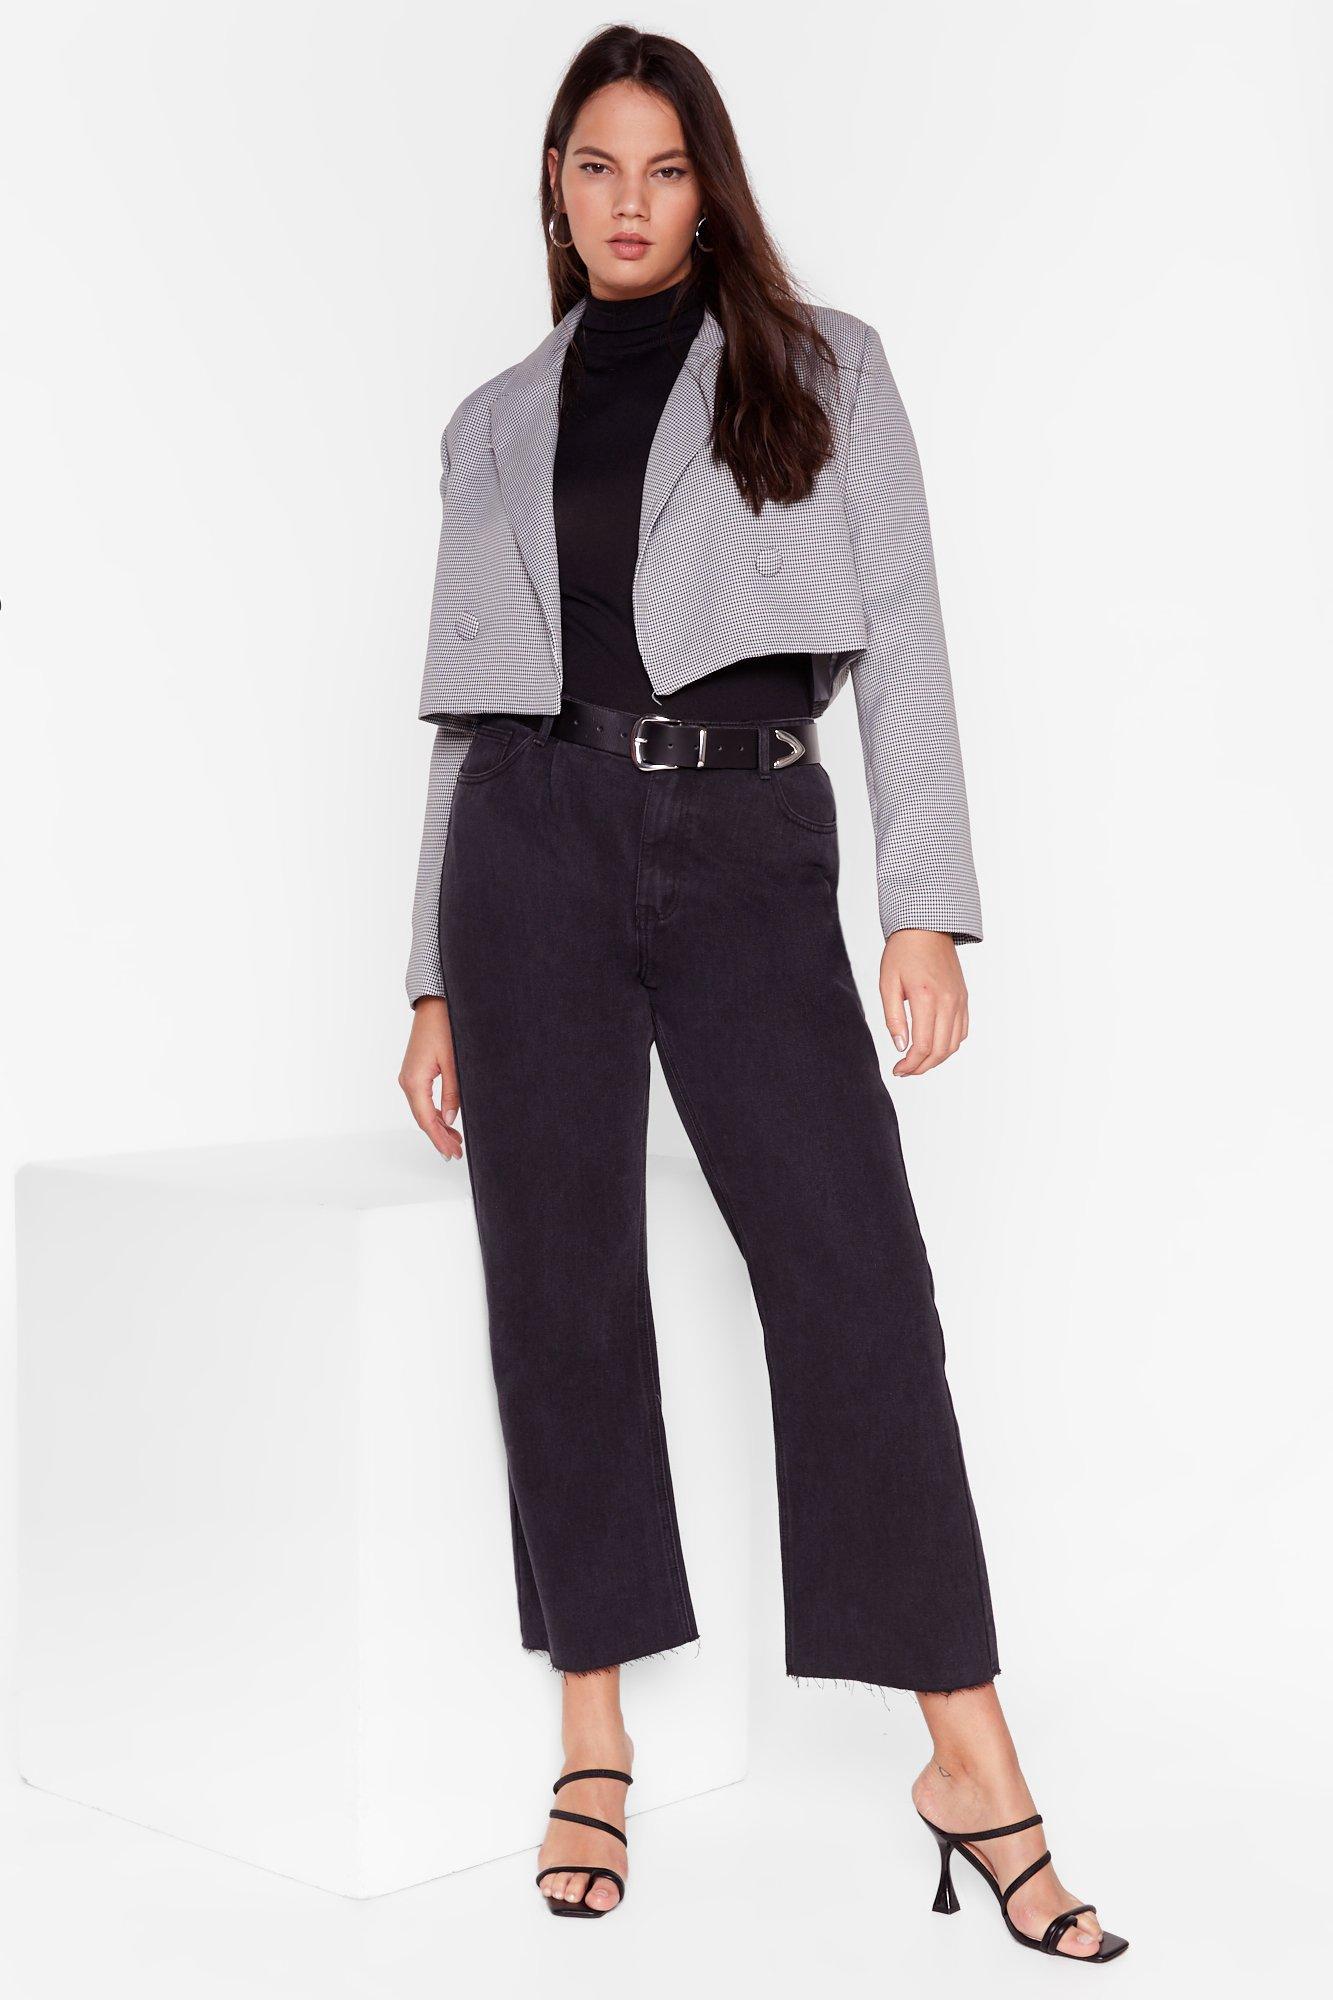 Printed Smocked Short Sleeve Dress - Addition Elle 7